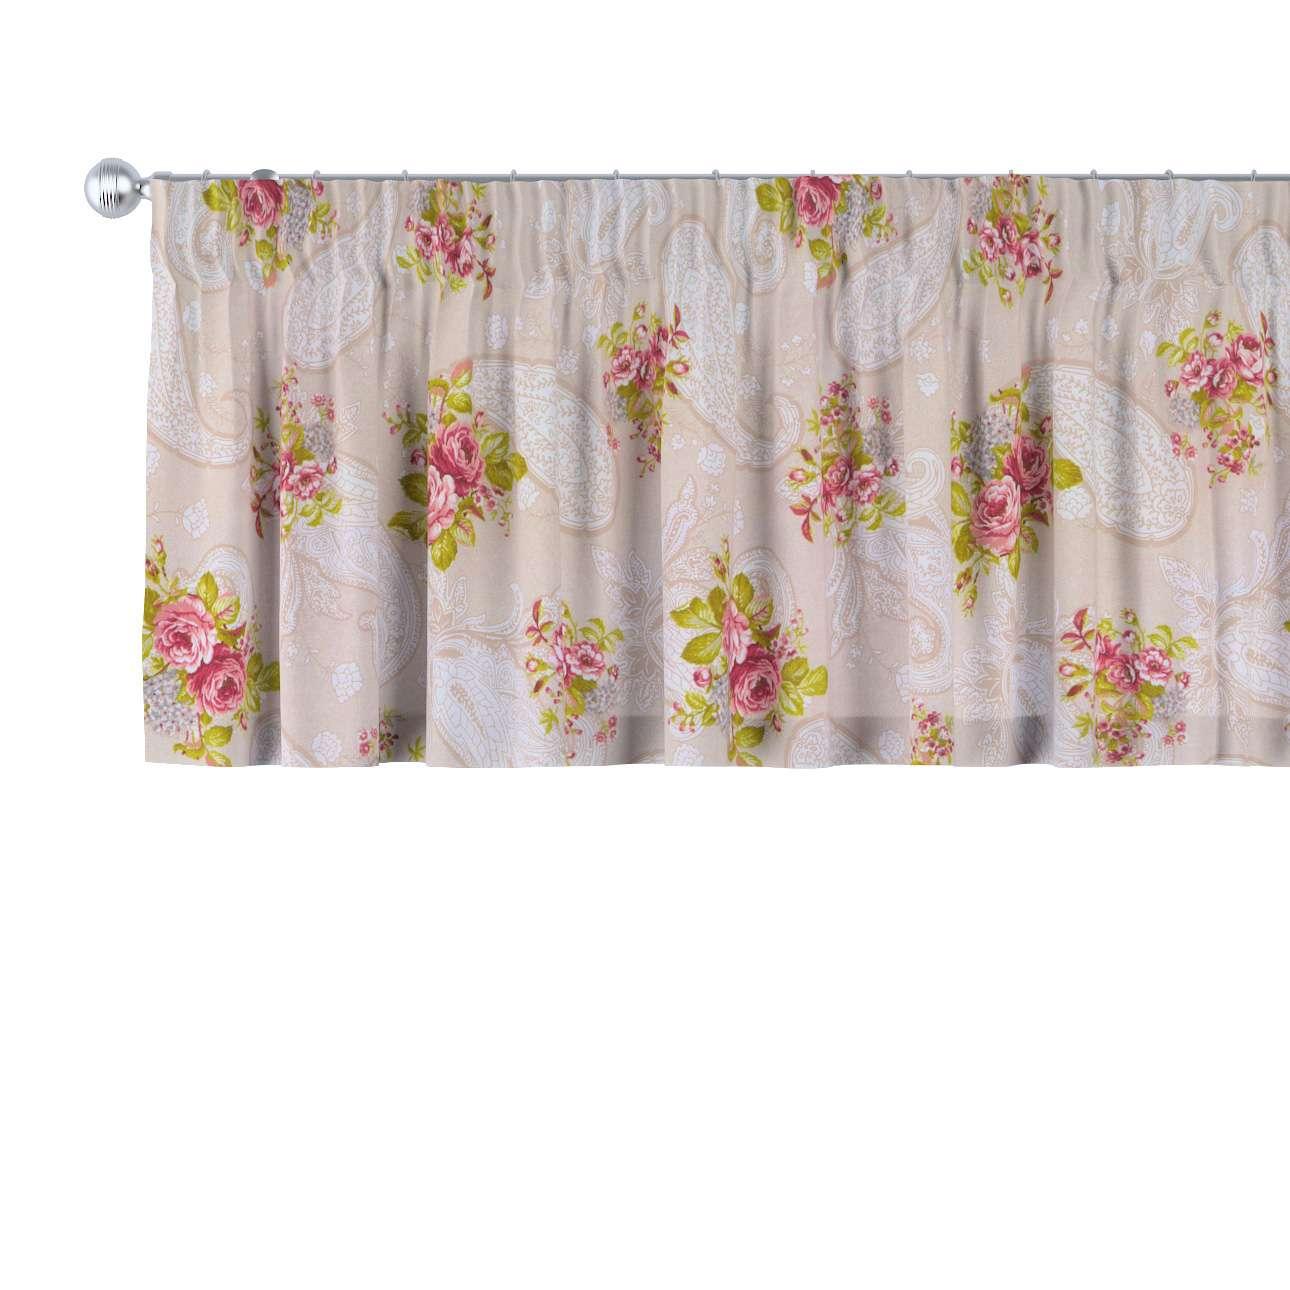 Lambrekin na taśmie marszczącej 130 x 40 cm w kolekcji Flowers, tkanina: 311-15